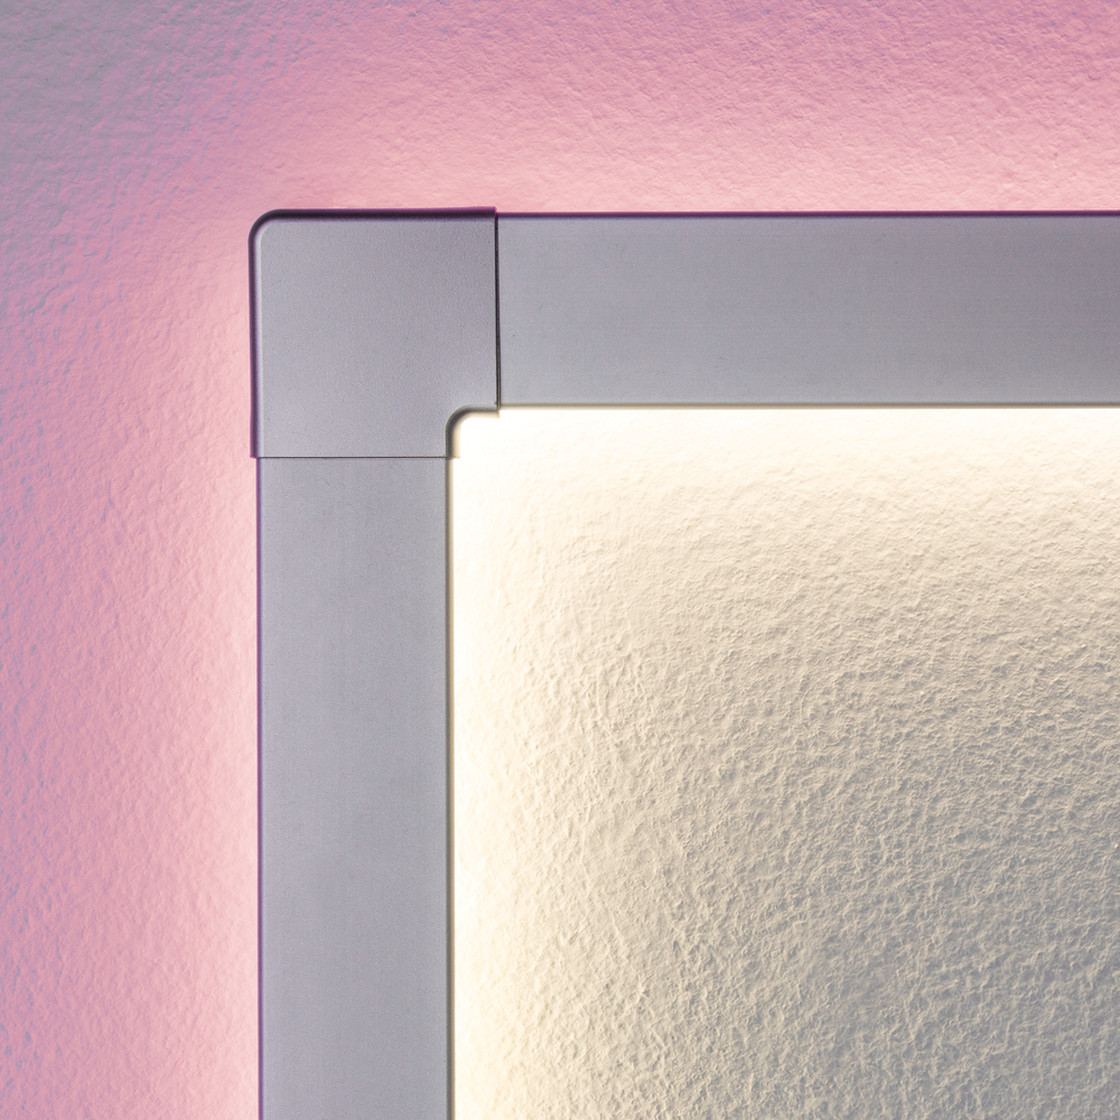 2er set paulmann duo profil corner 90 eckprofil led leist. Black Bedroom Furniture Sets. Home Design Ideas